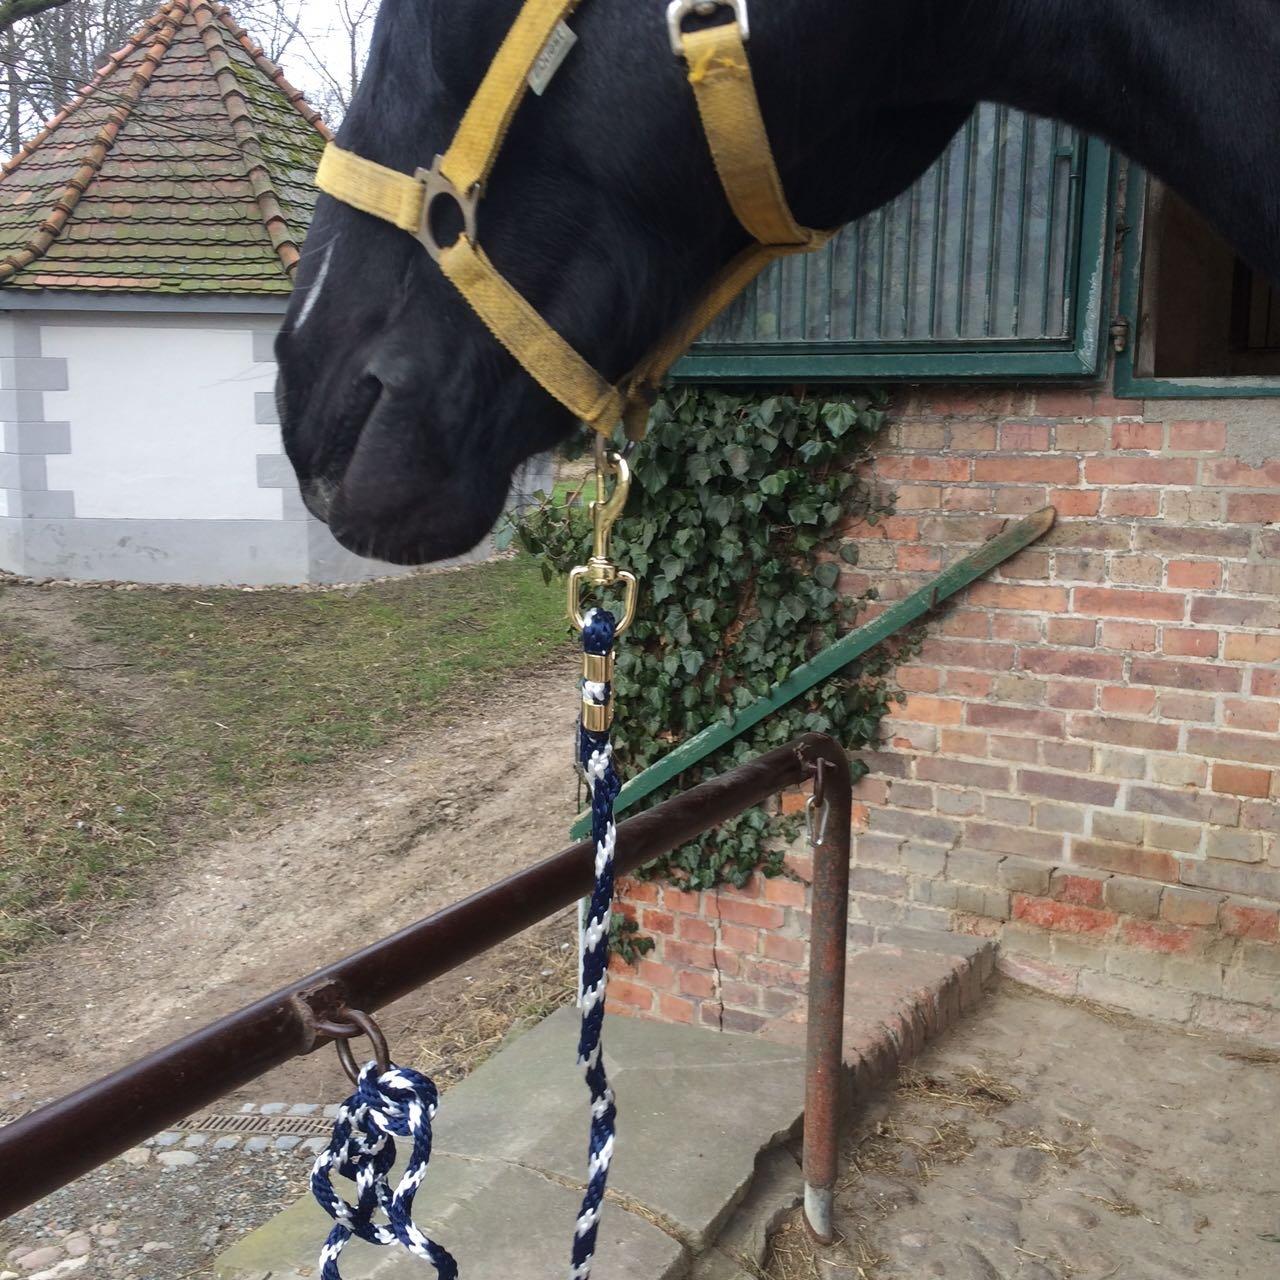 correa trenzada para en distintos dise/ños elegantes burro o cabra Cuerda gu/ía para caballo para poni